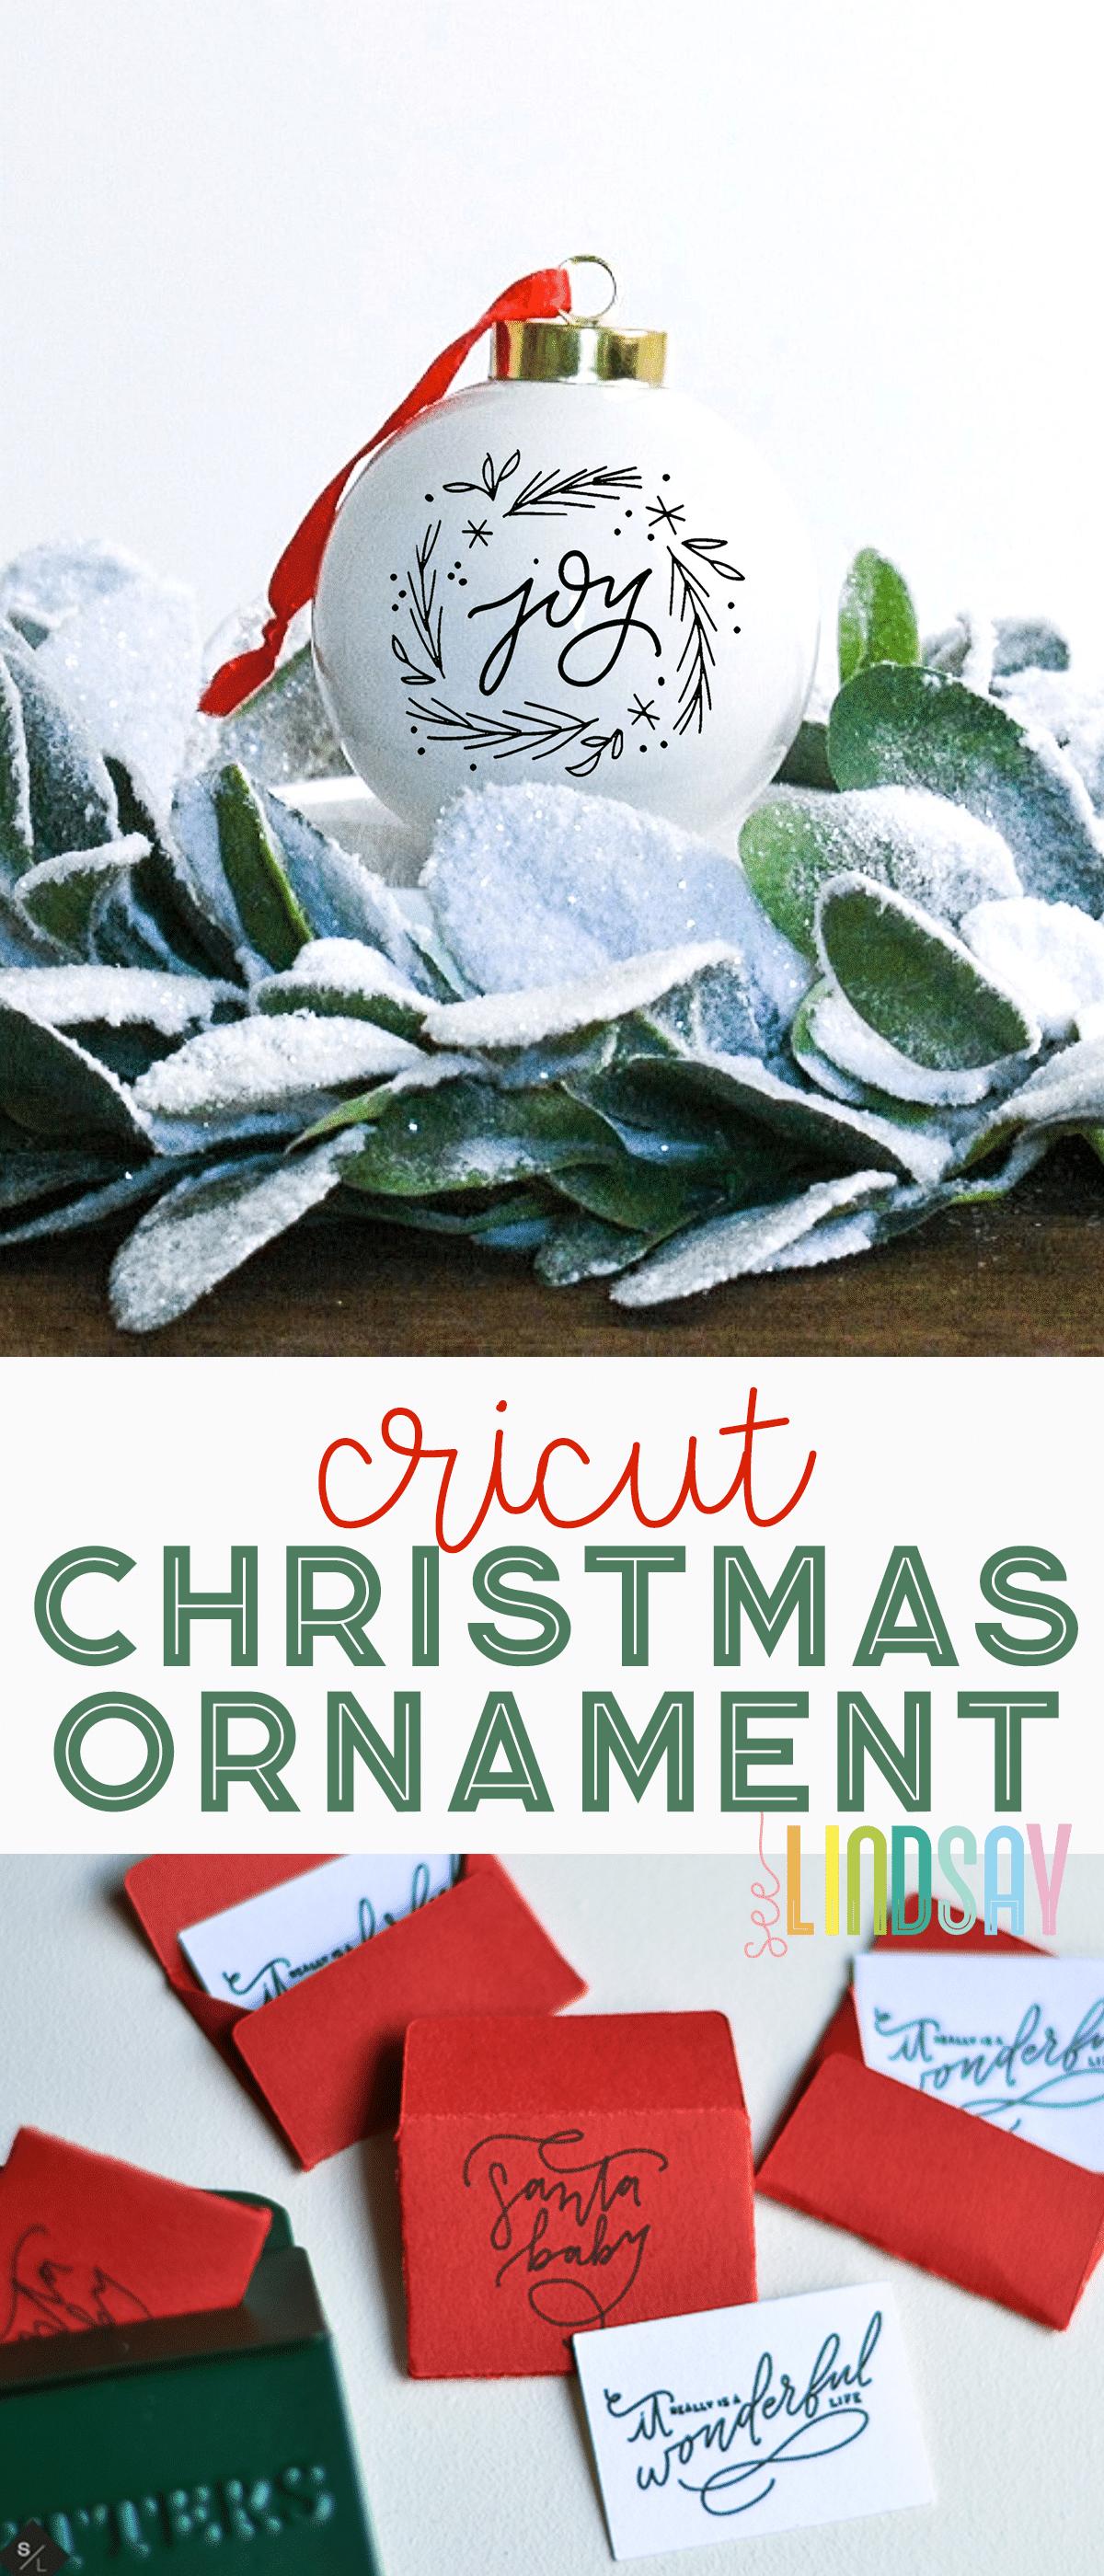 cricut christmas ornament ideas